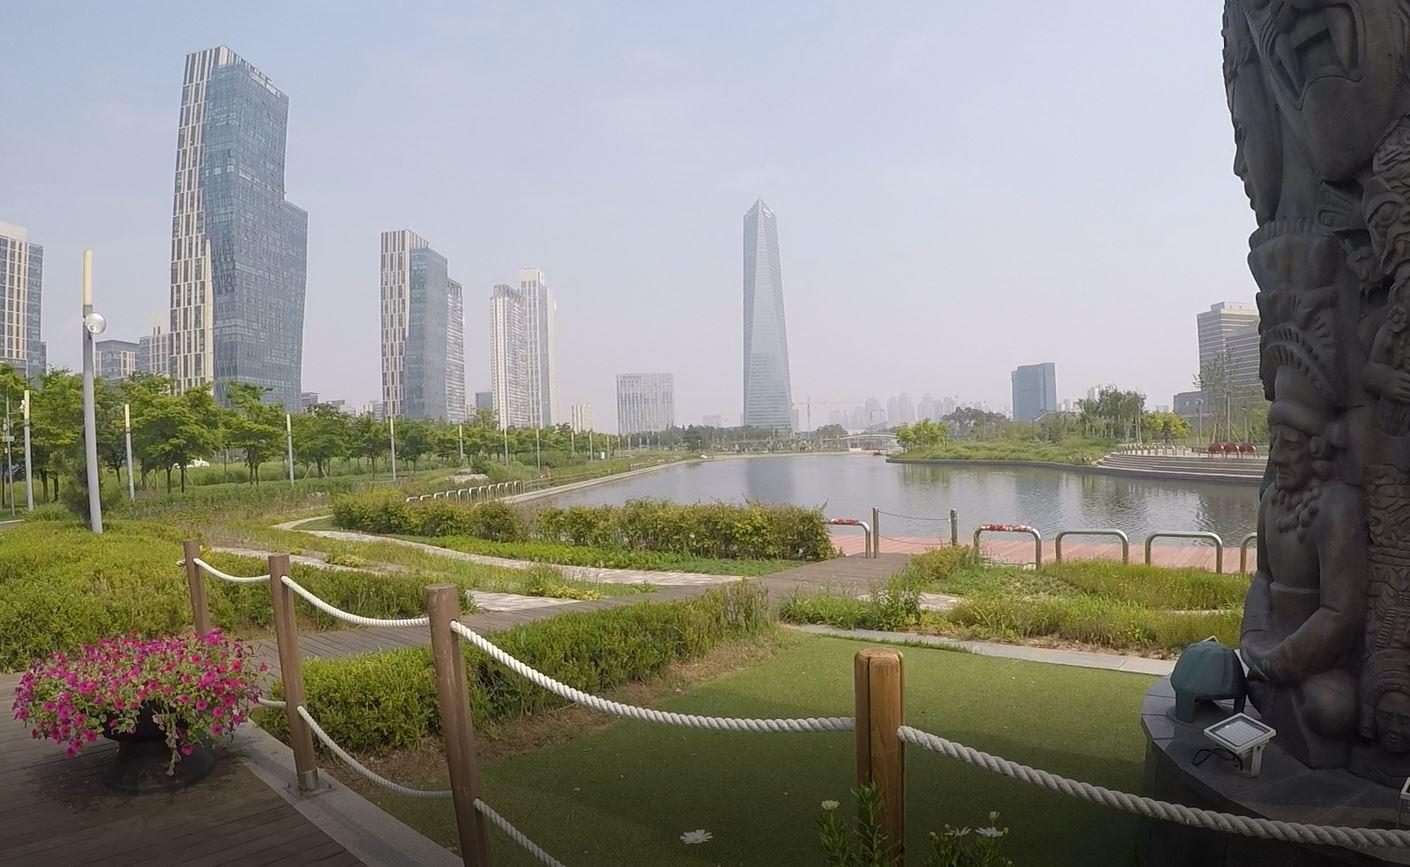 Il nostro tour gratuito: Songdo Central Park, Corea del Sud. Autore e Copyright Marco Ramerini.